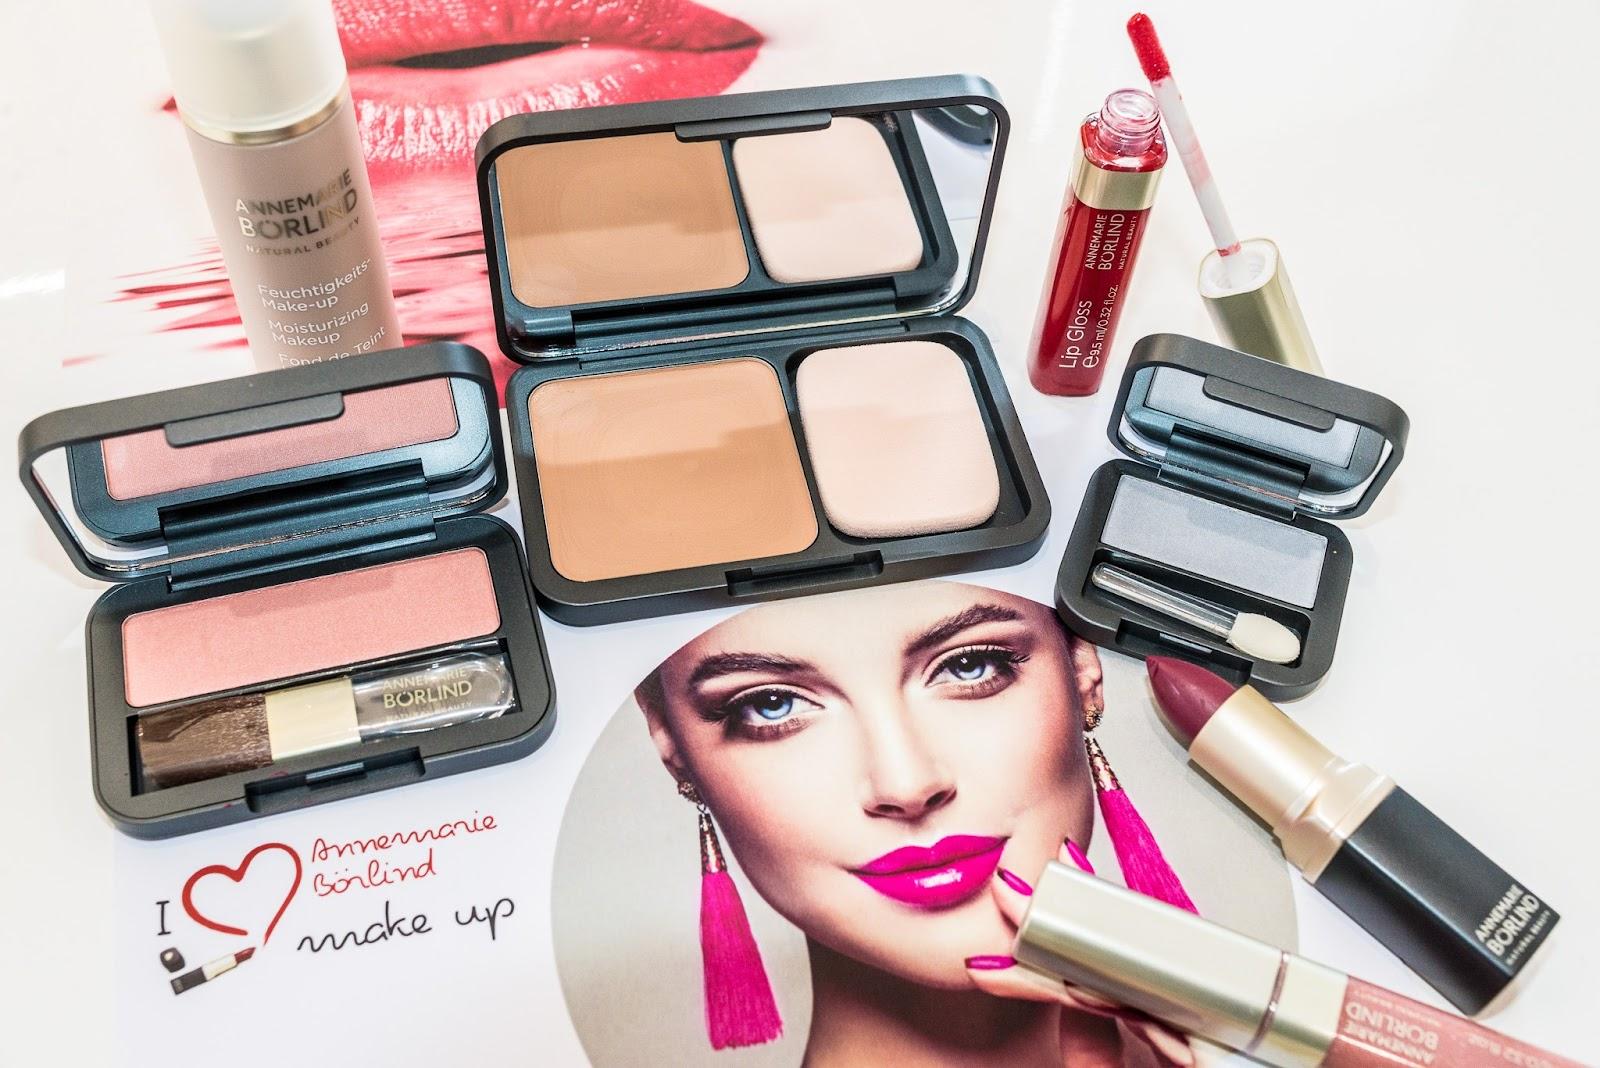 Prírodná dekoratívna kozmetika ANNEMARIE BÖRLIND: Ako dopadol test 10 žien ? Prekvapila alebo sklamala ?